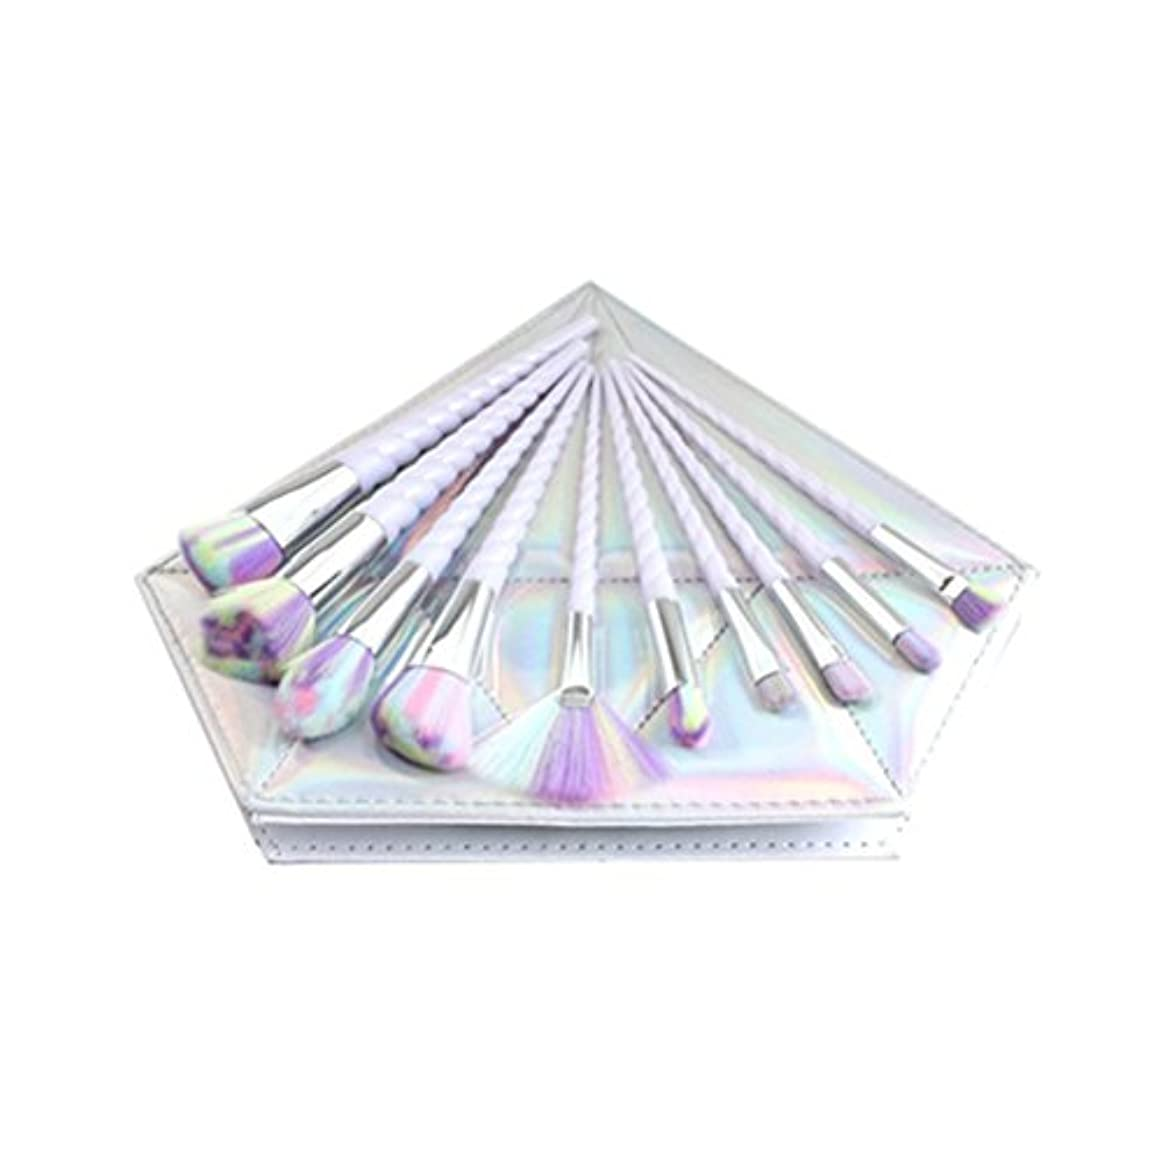 愛されし者縮れた毎年Dilla Beauty 10本セットユニコーンデザインプラスチックハンドル形状メイクブラシセット合成毛ファンデーションブラシアイシャドーブラッシャー美容ツール美しい化粧品のバッグを送る (白いハンドル - 多色の毛)